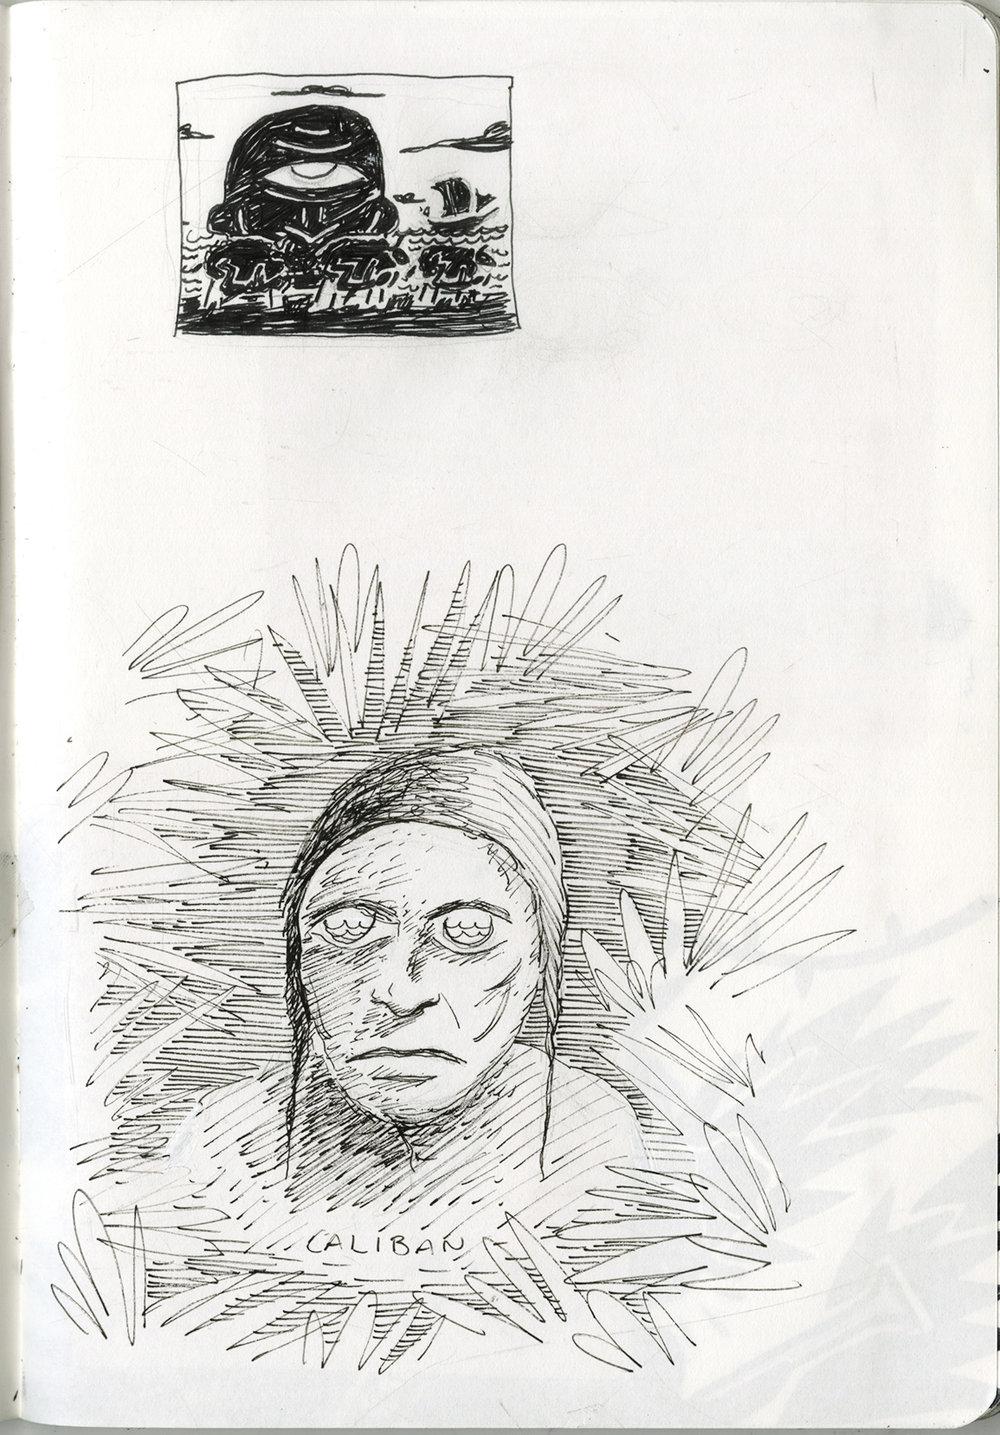 new_floppy_sketchbook_74.jpg